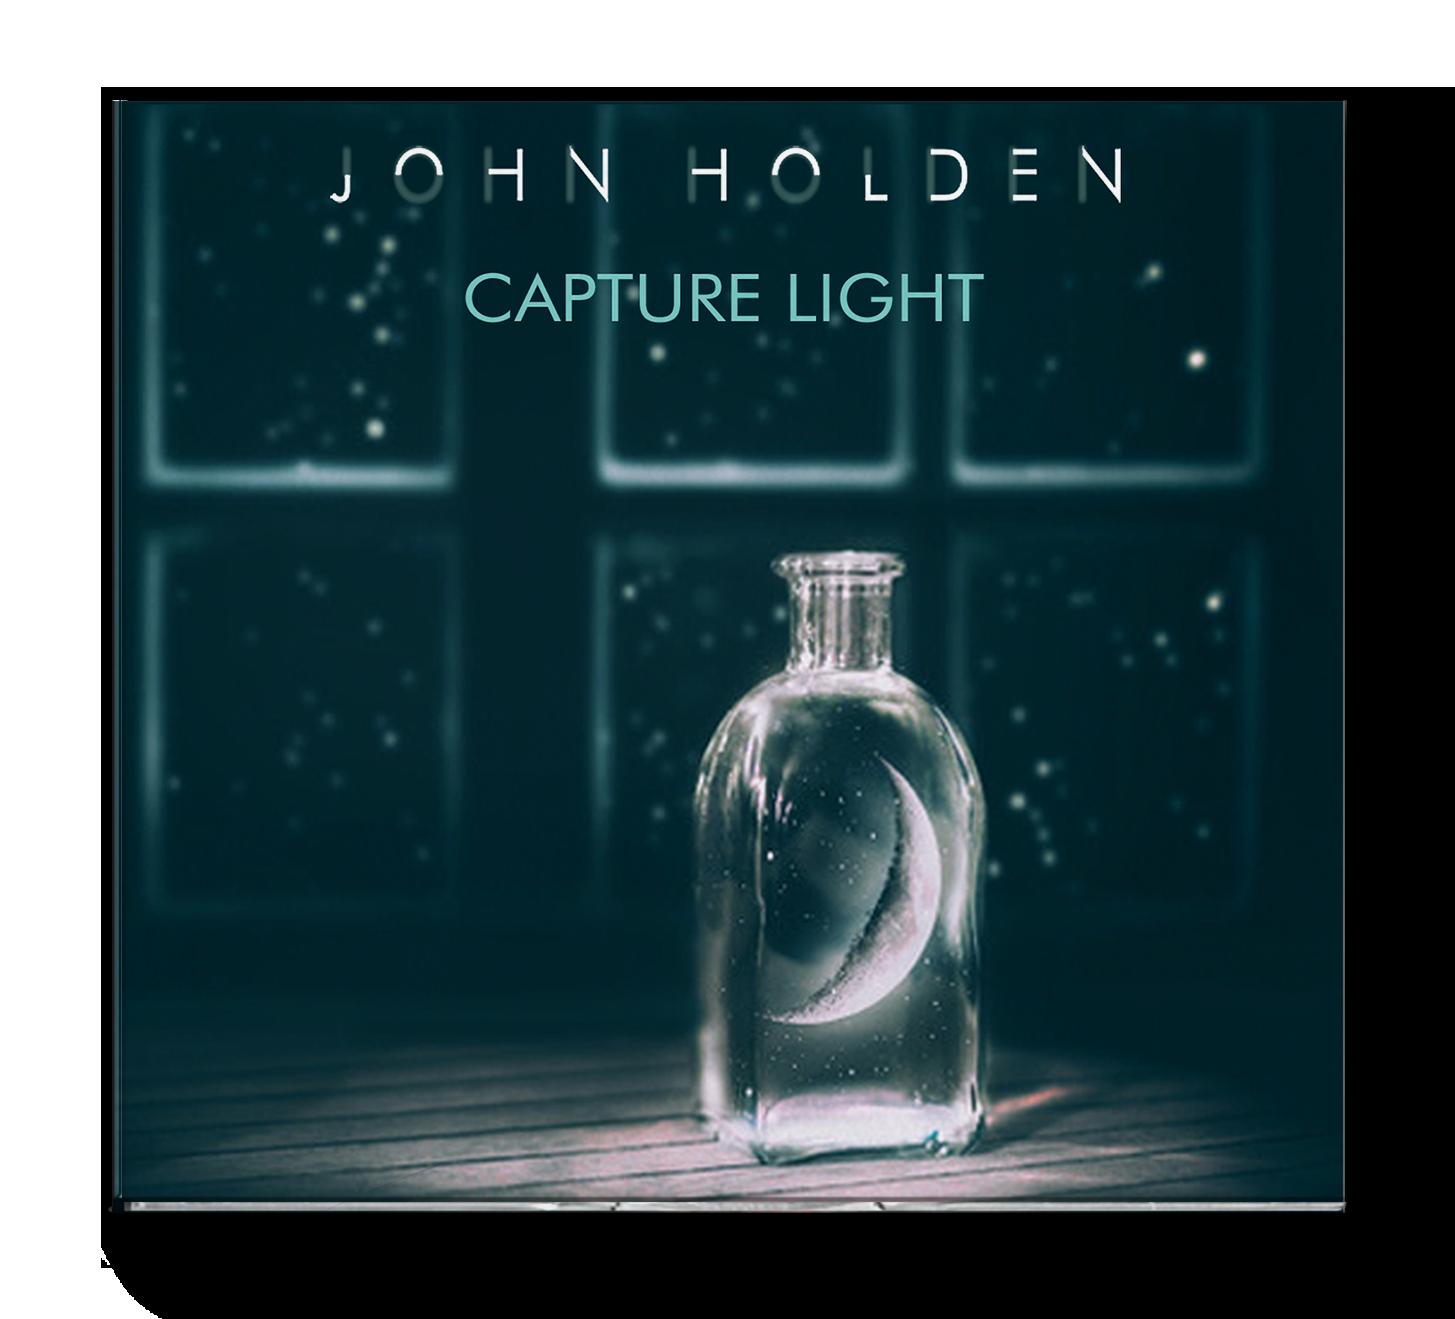 John Holden - Capture Light